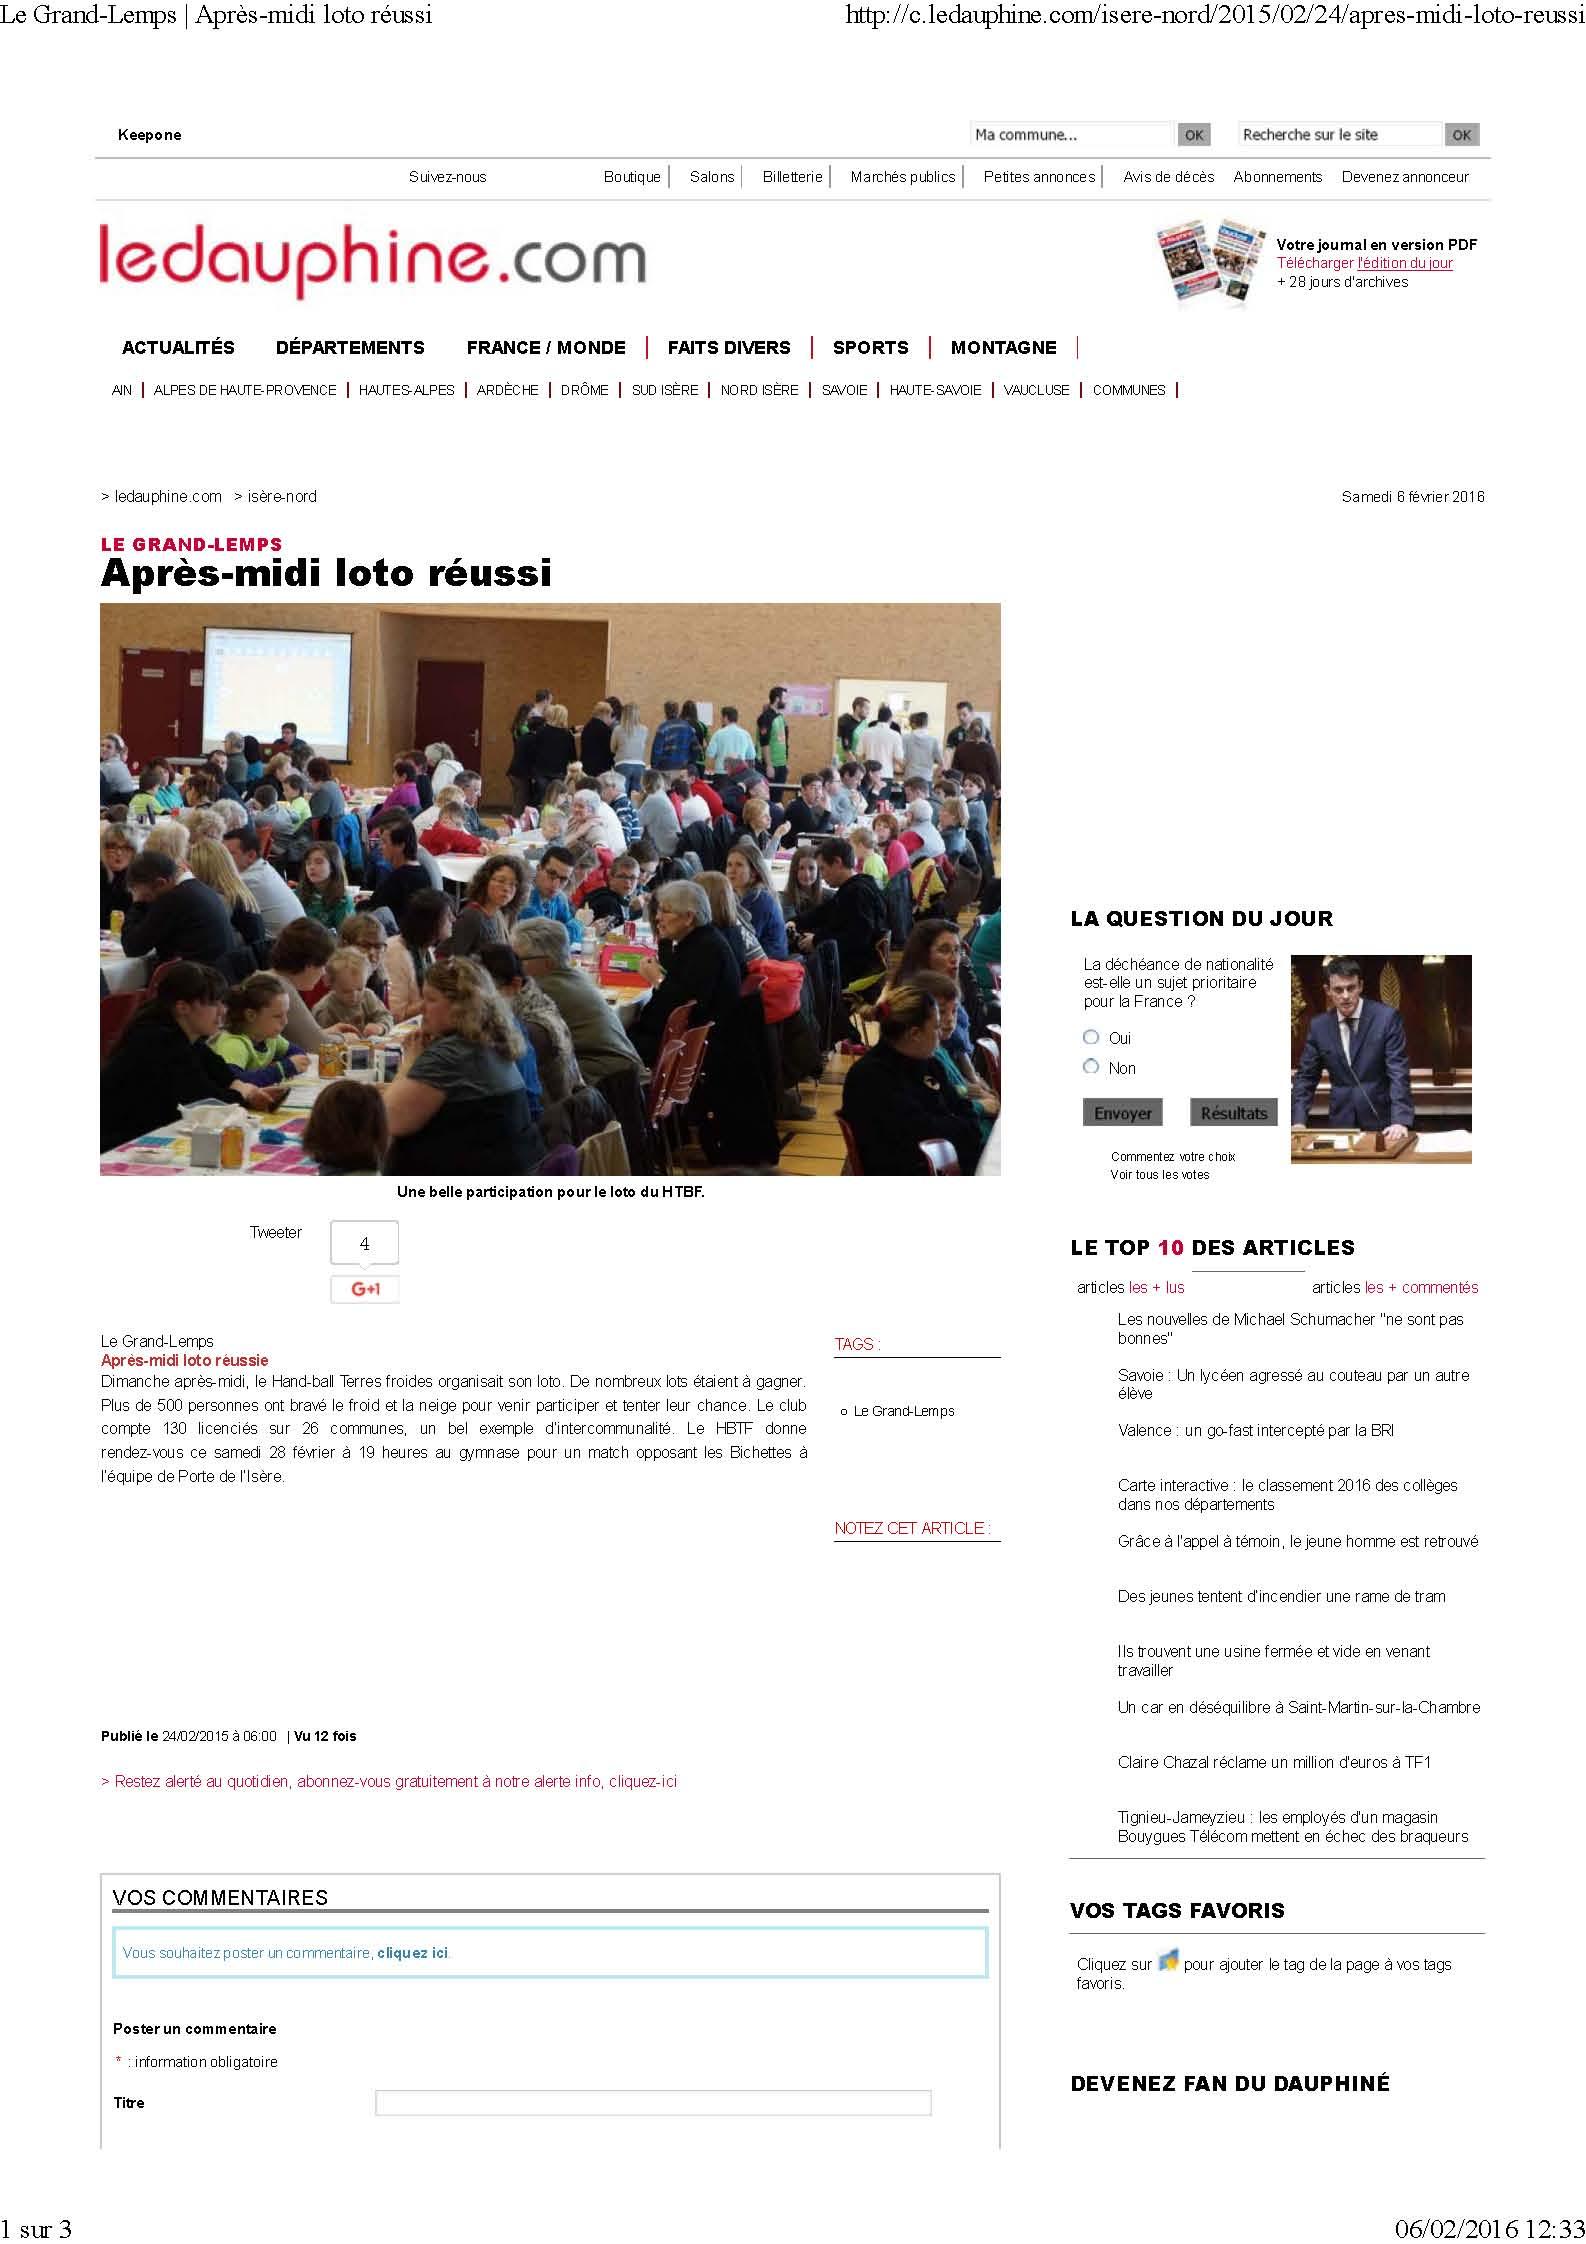 l'édition 2015 du Loto du Hand Bièvre Terres Froides - Hand Bievre Terres Froides - Club de Handball en Isère